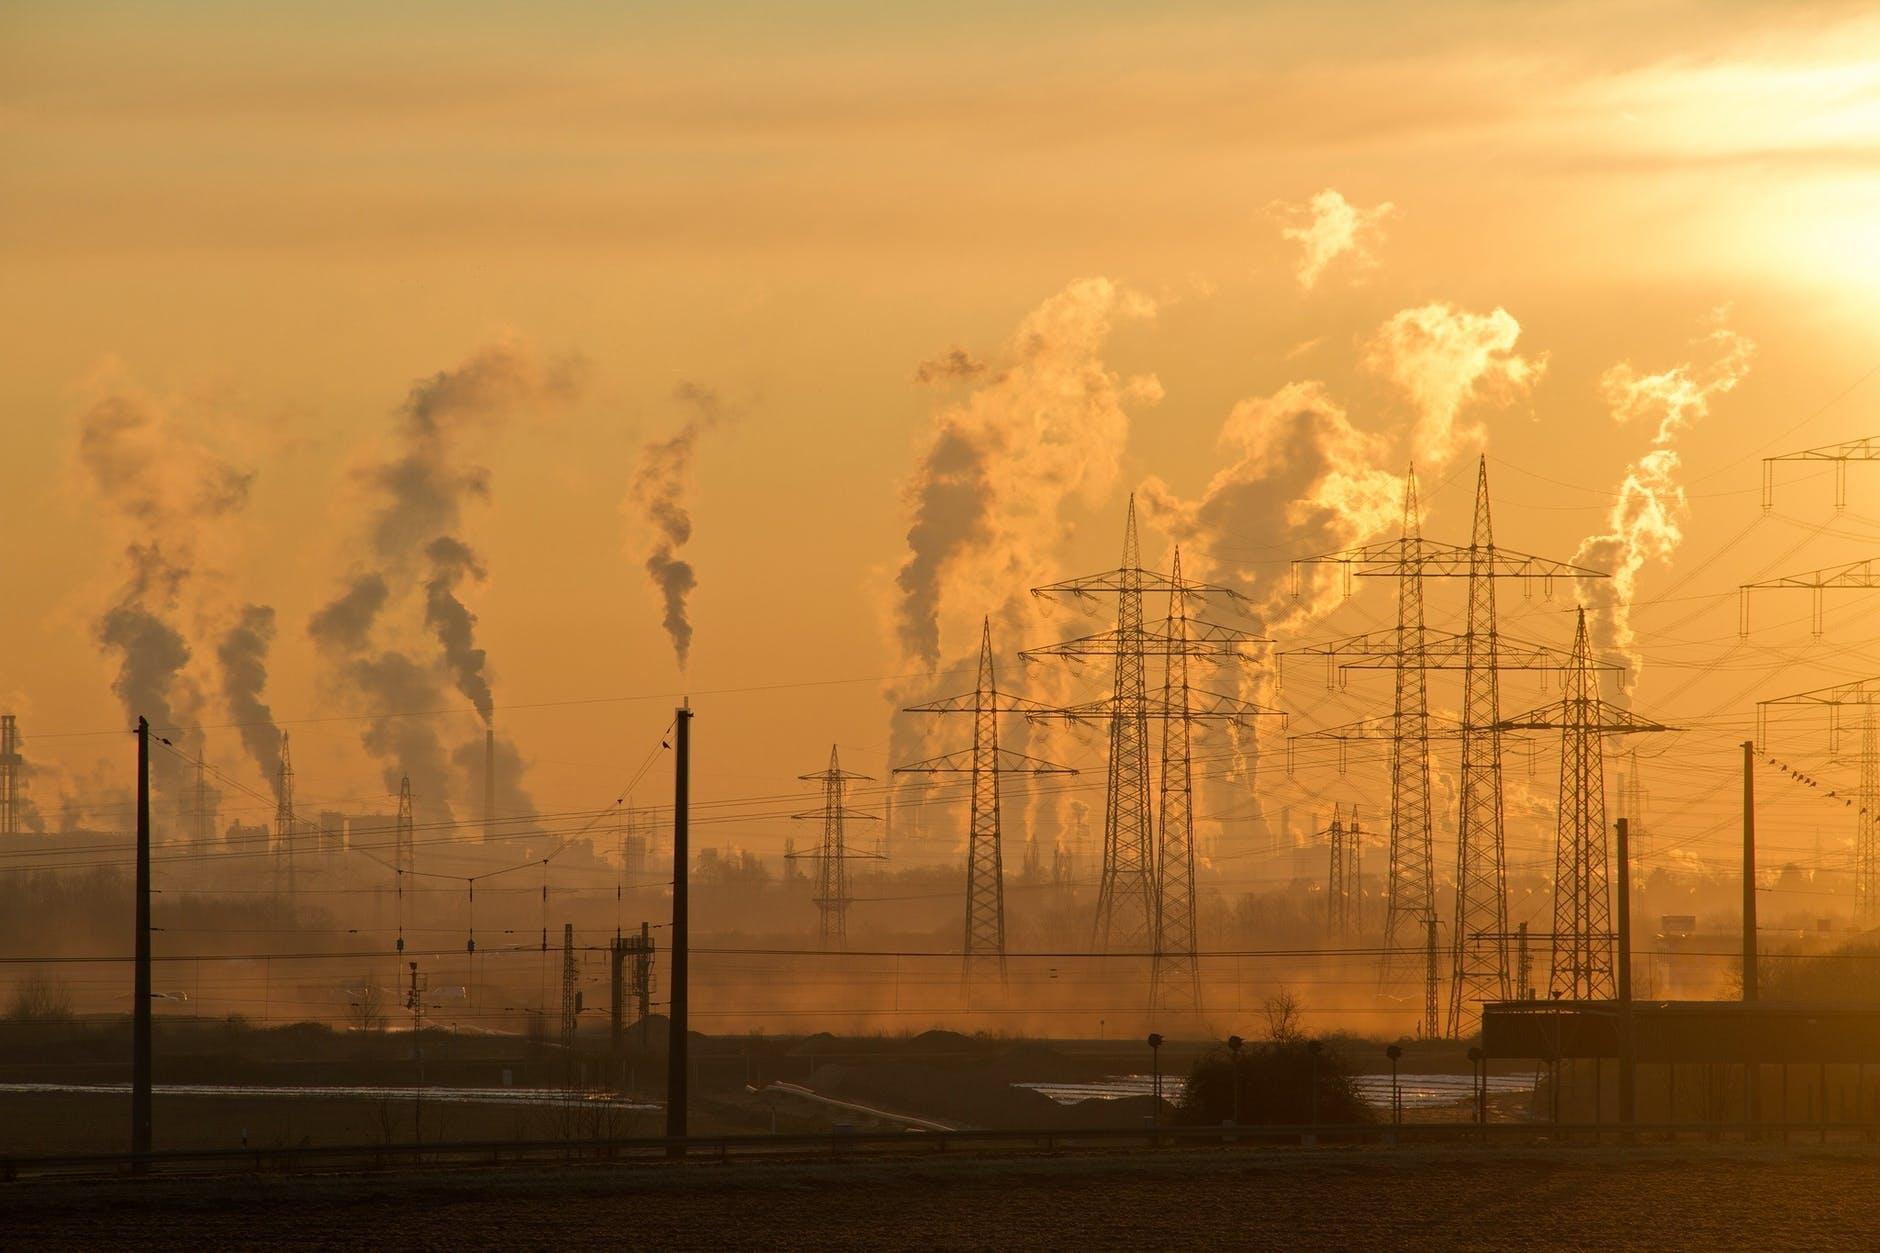 Hoher CO2-Ausstoß bei Energiegewinnung durch phosile Brennstoffe im Gegensatz zur Photovoltaik